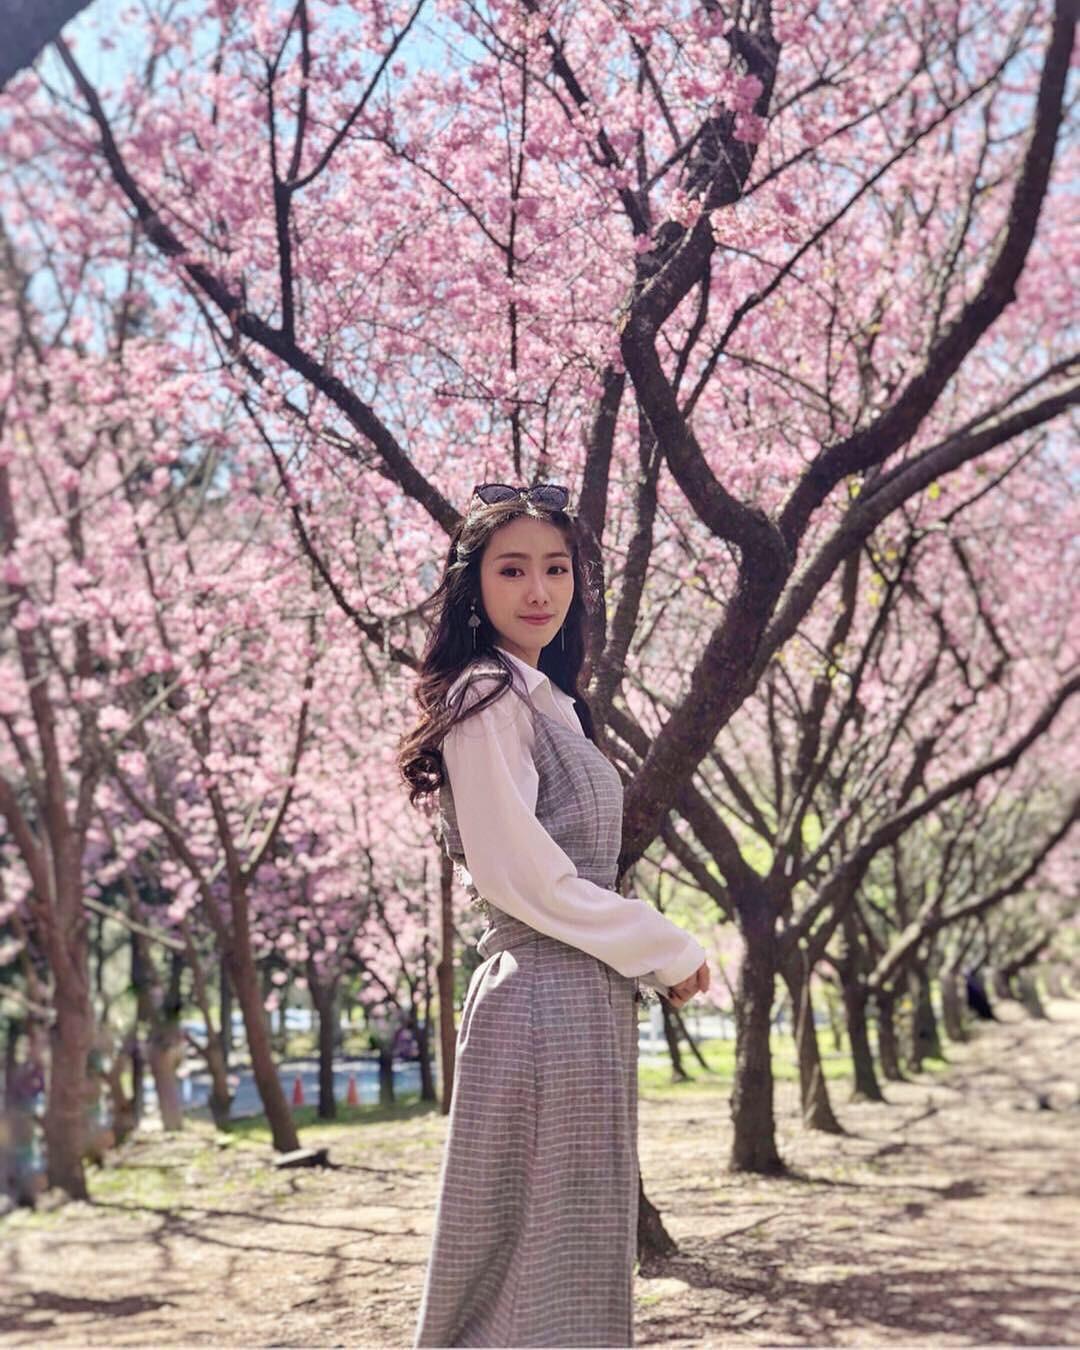 Đài Loan: Hoa anh đào lại nở rợp trời, tạo điều kiện cho trai gái dập dìu chơi xuân - Ảnh 8.